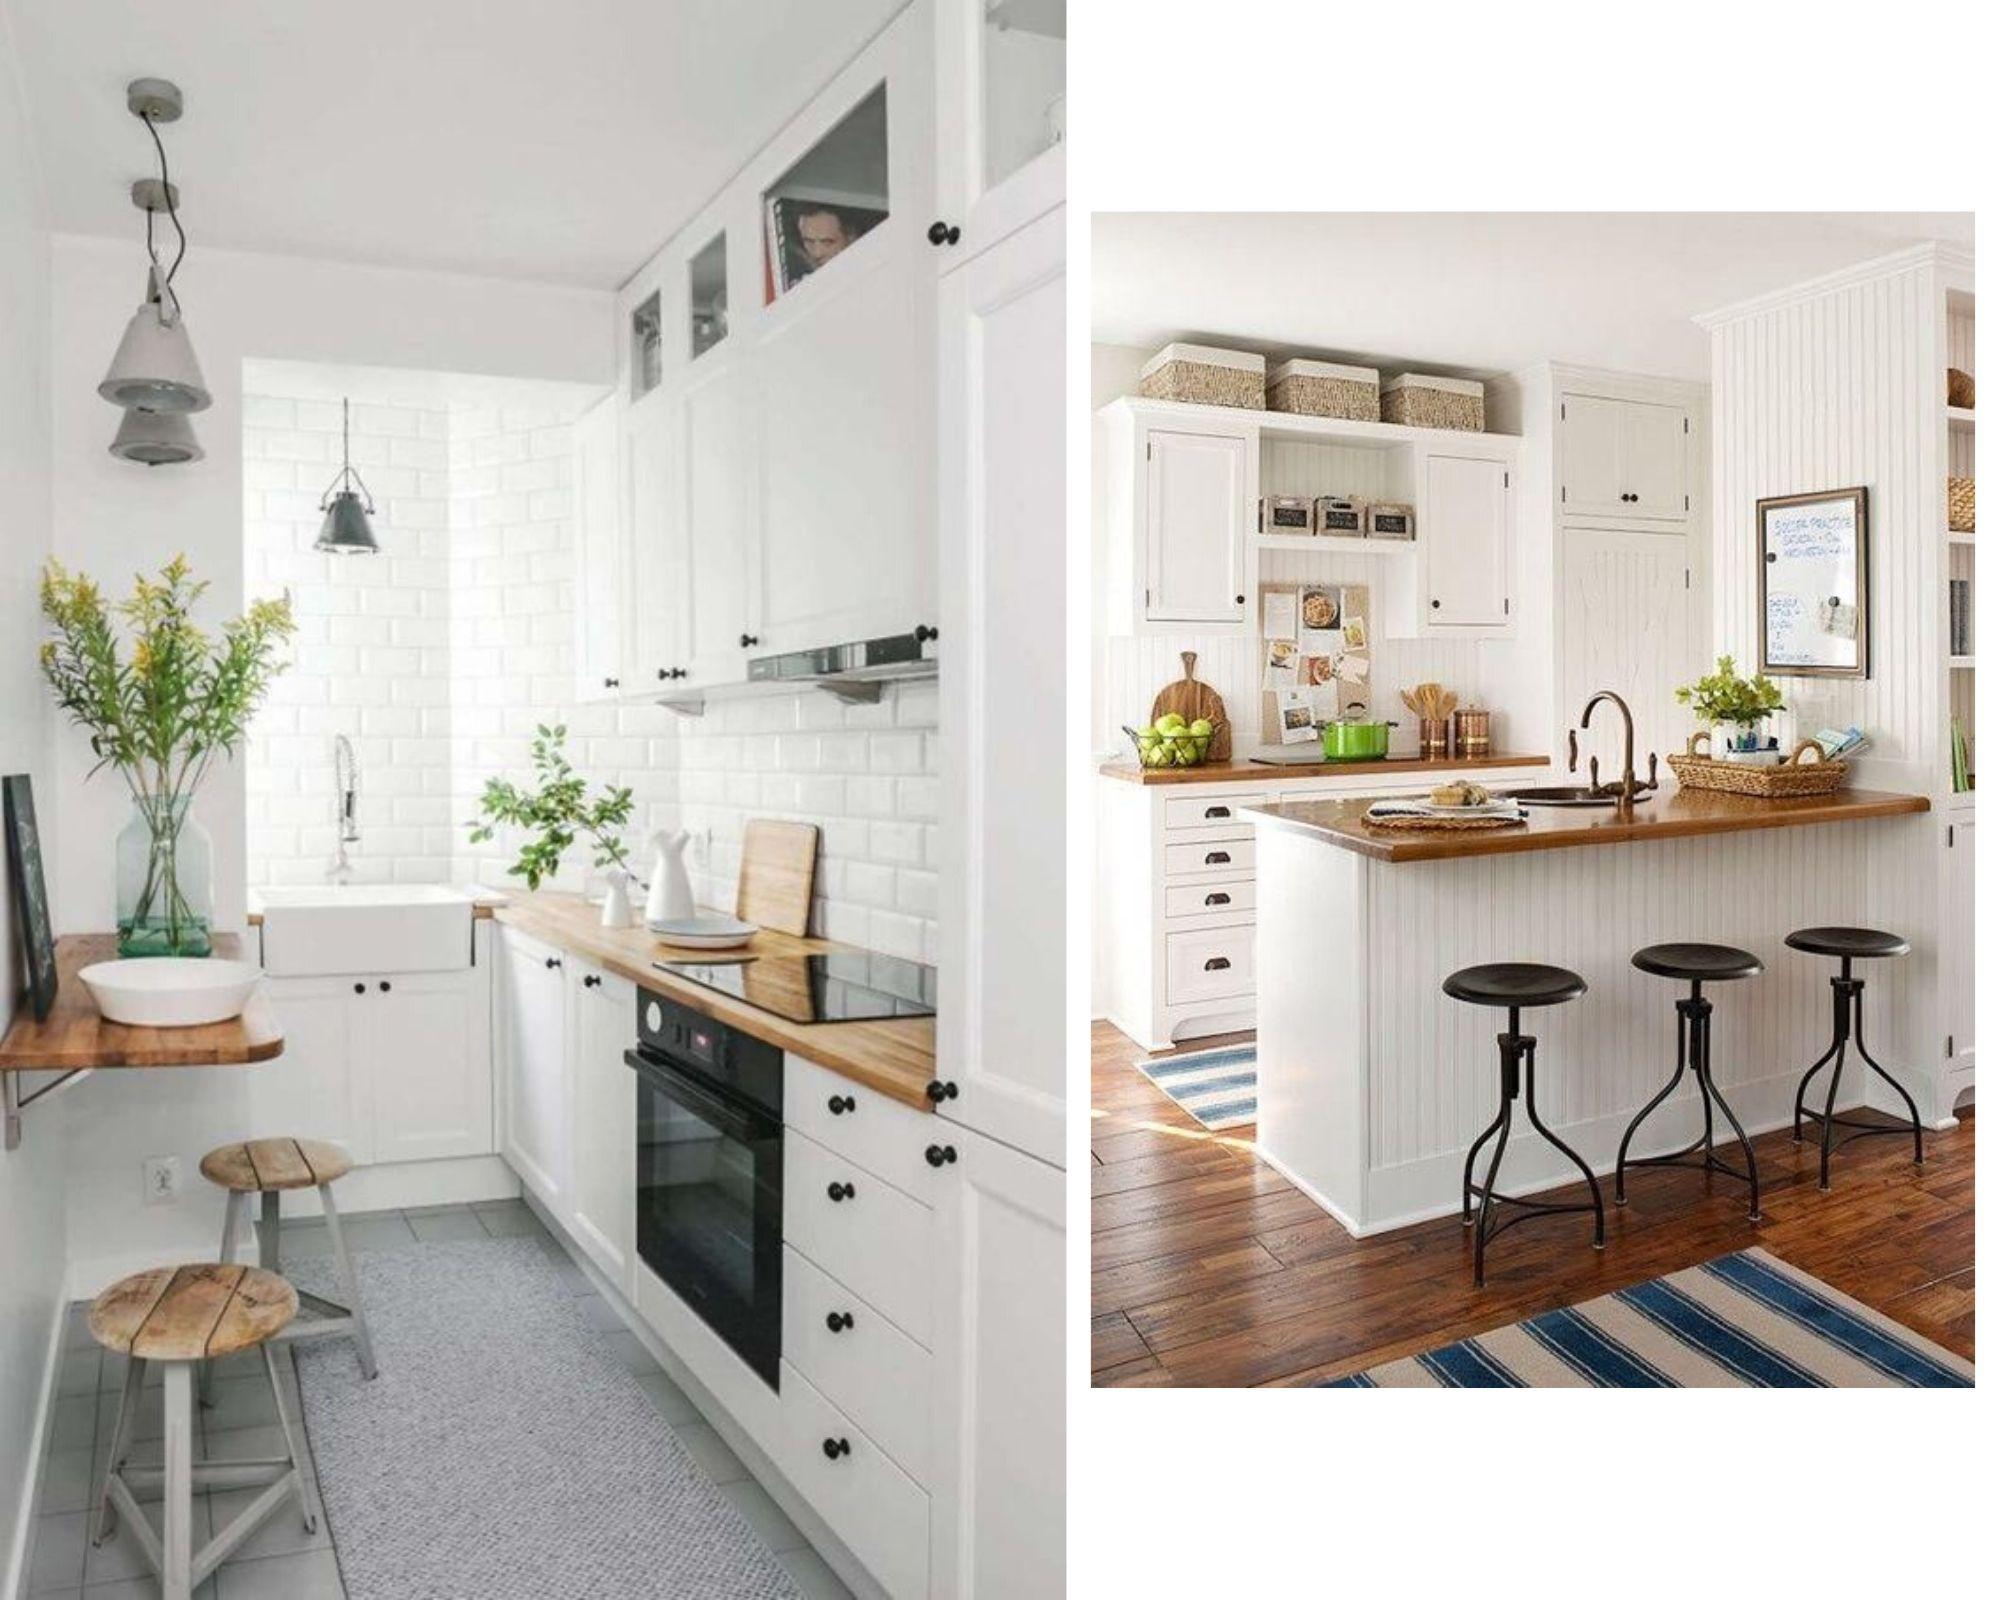 cocinas pequeñas, como sacarles partido, consejos de decoración, decoración de interiores, la puerta de al lado, la puerta deco, ines artagaveitya, vero bosch, organización de cocinas.